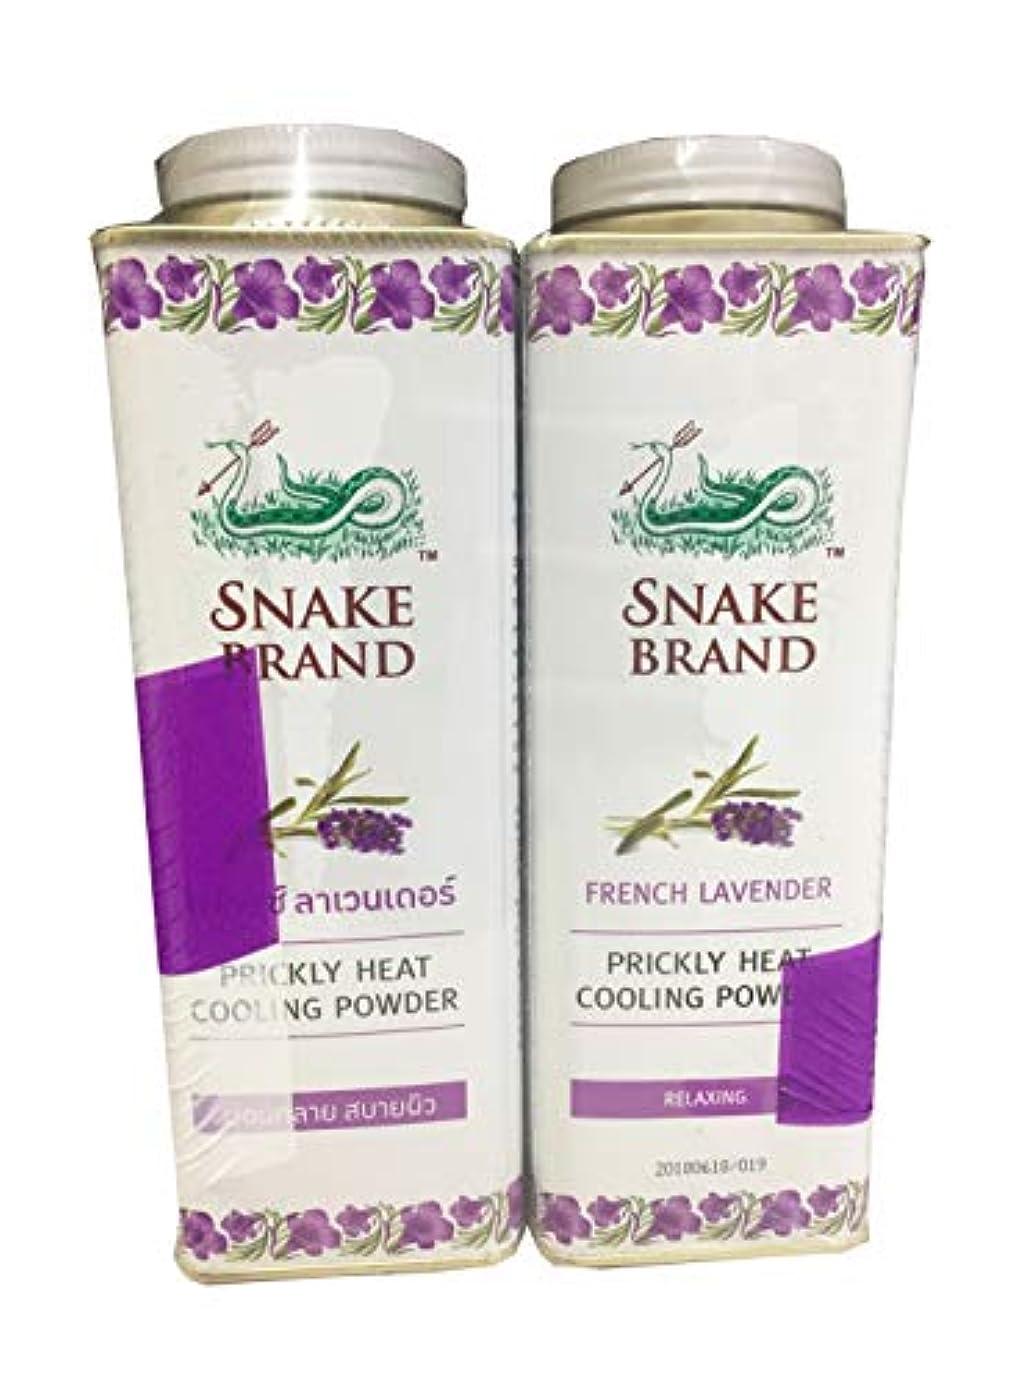 ダイエットベジタリアン以来Prickly Heat Cooling Fresh Refreshing Body Powder Skin Moisture Snake Brand French Lavender 280g X 2. 爽やかなヒートクーリング...